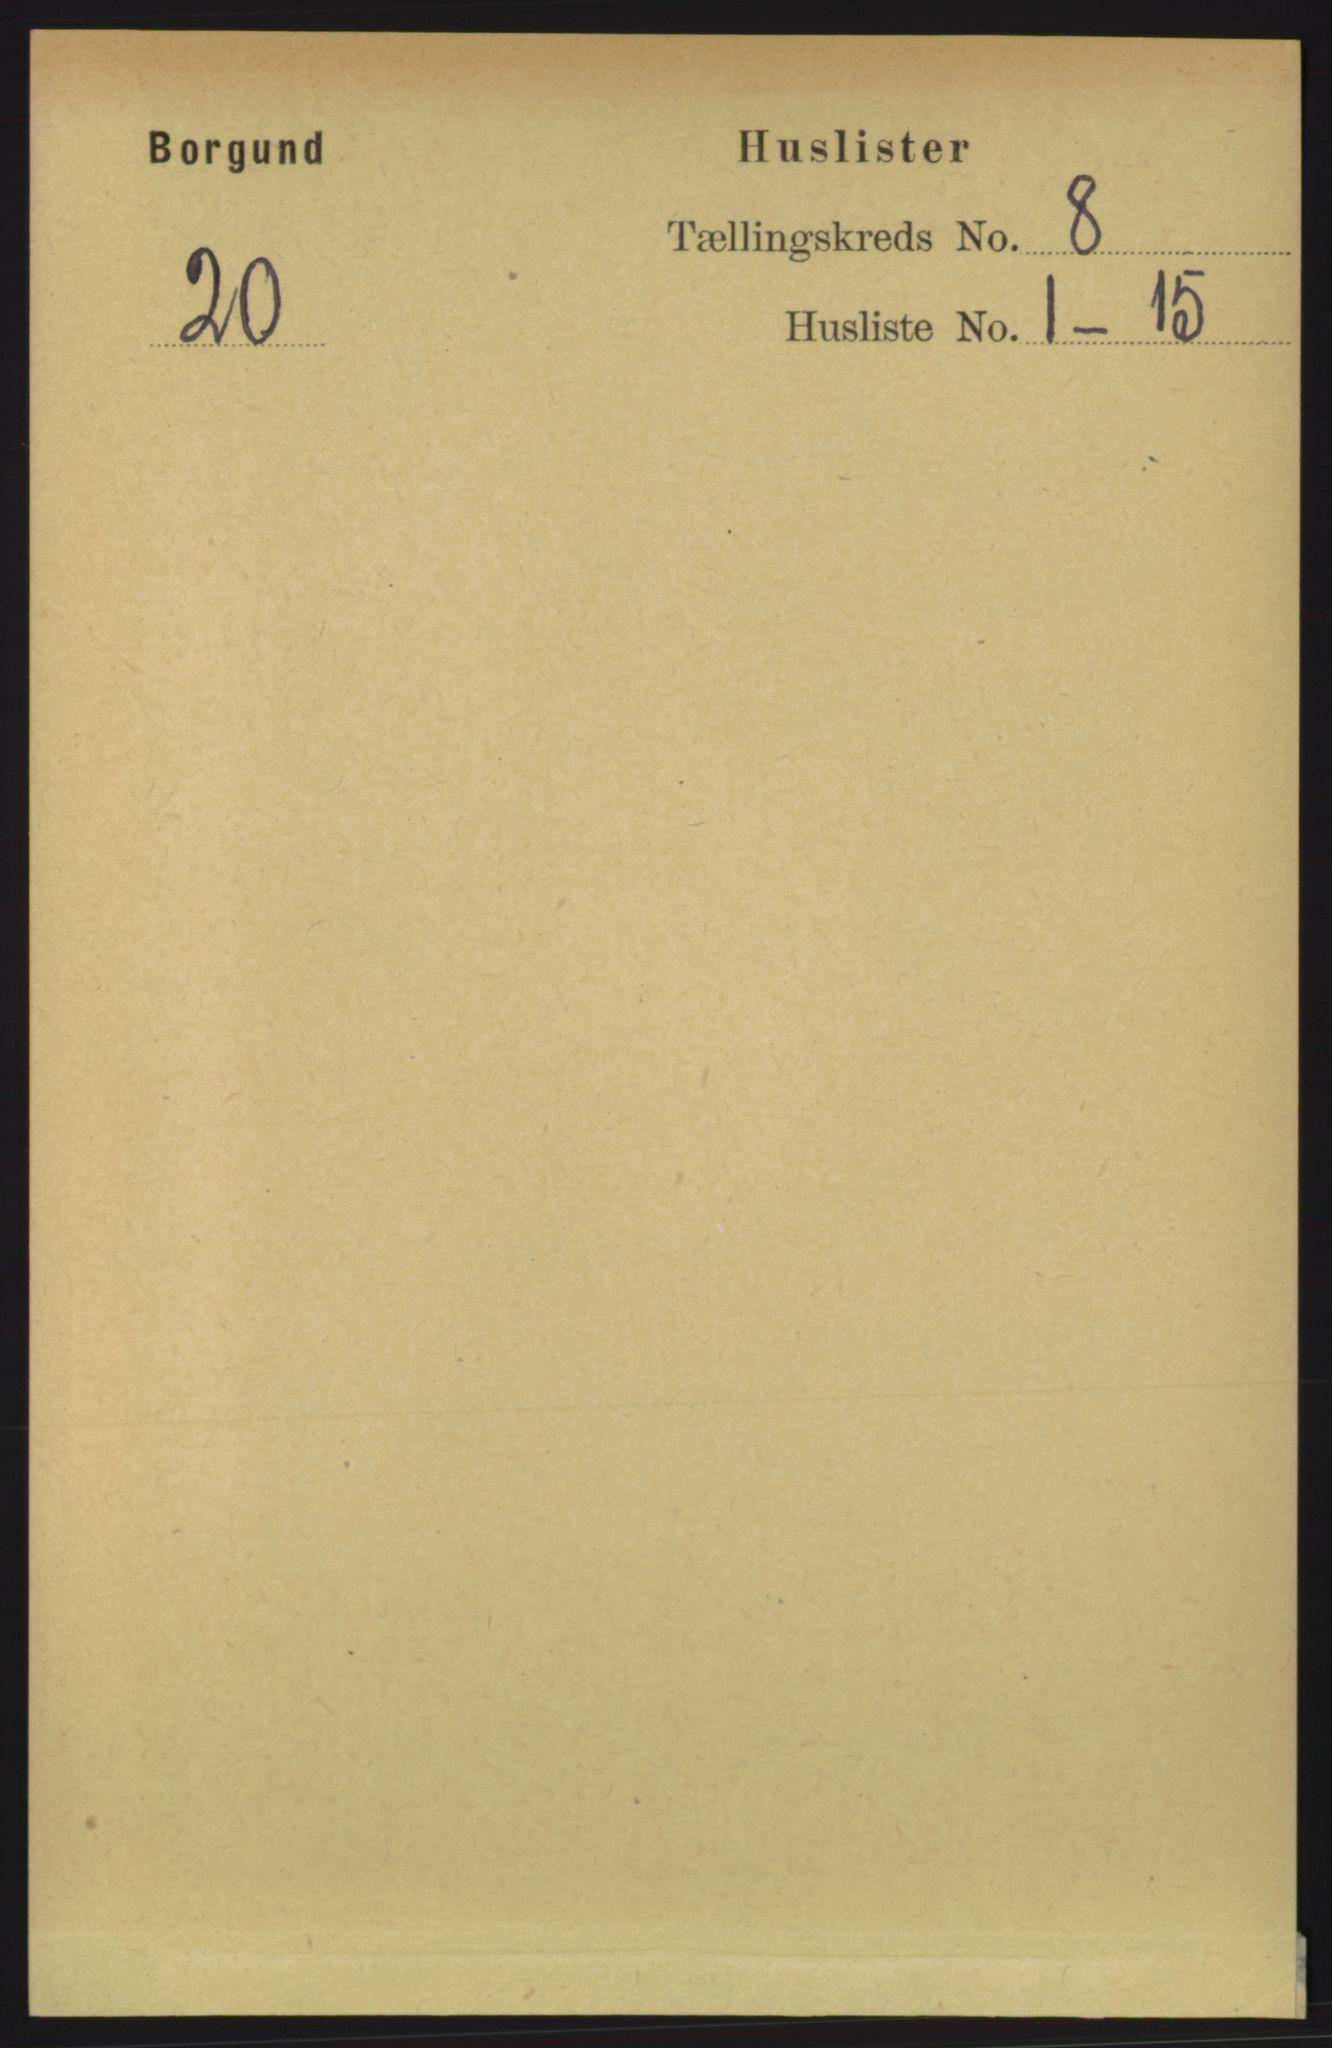 RA, Folketelling 1891 for 1531 Borgund herred, 1891, s. 2106